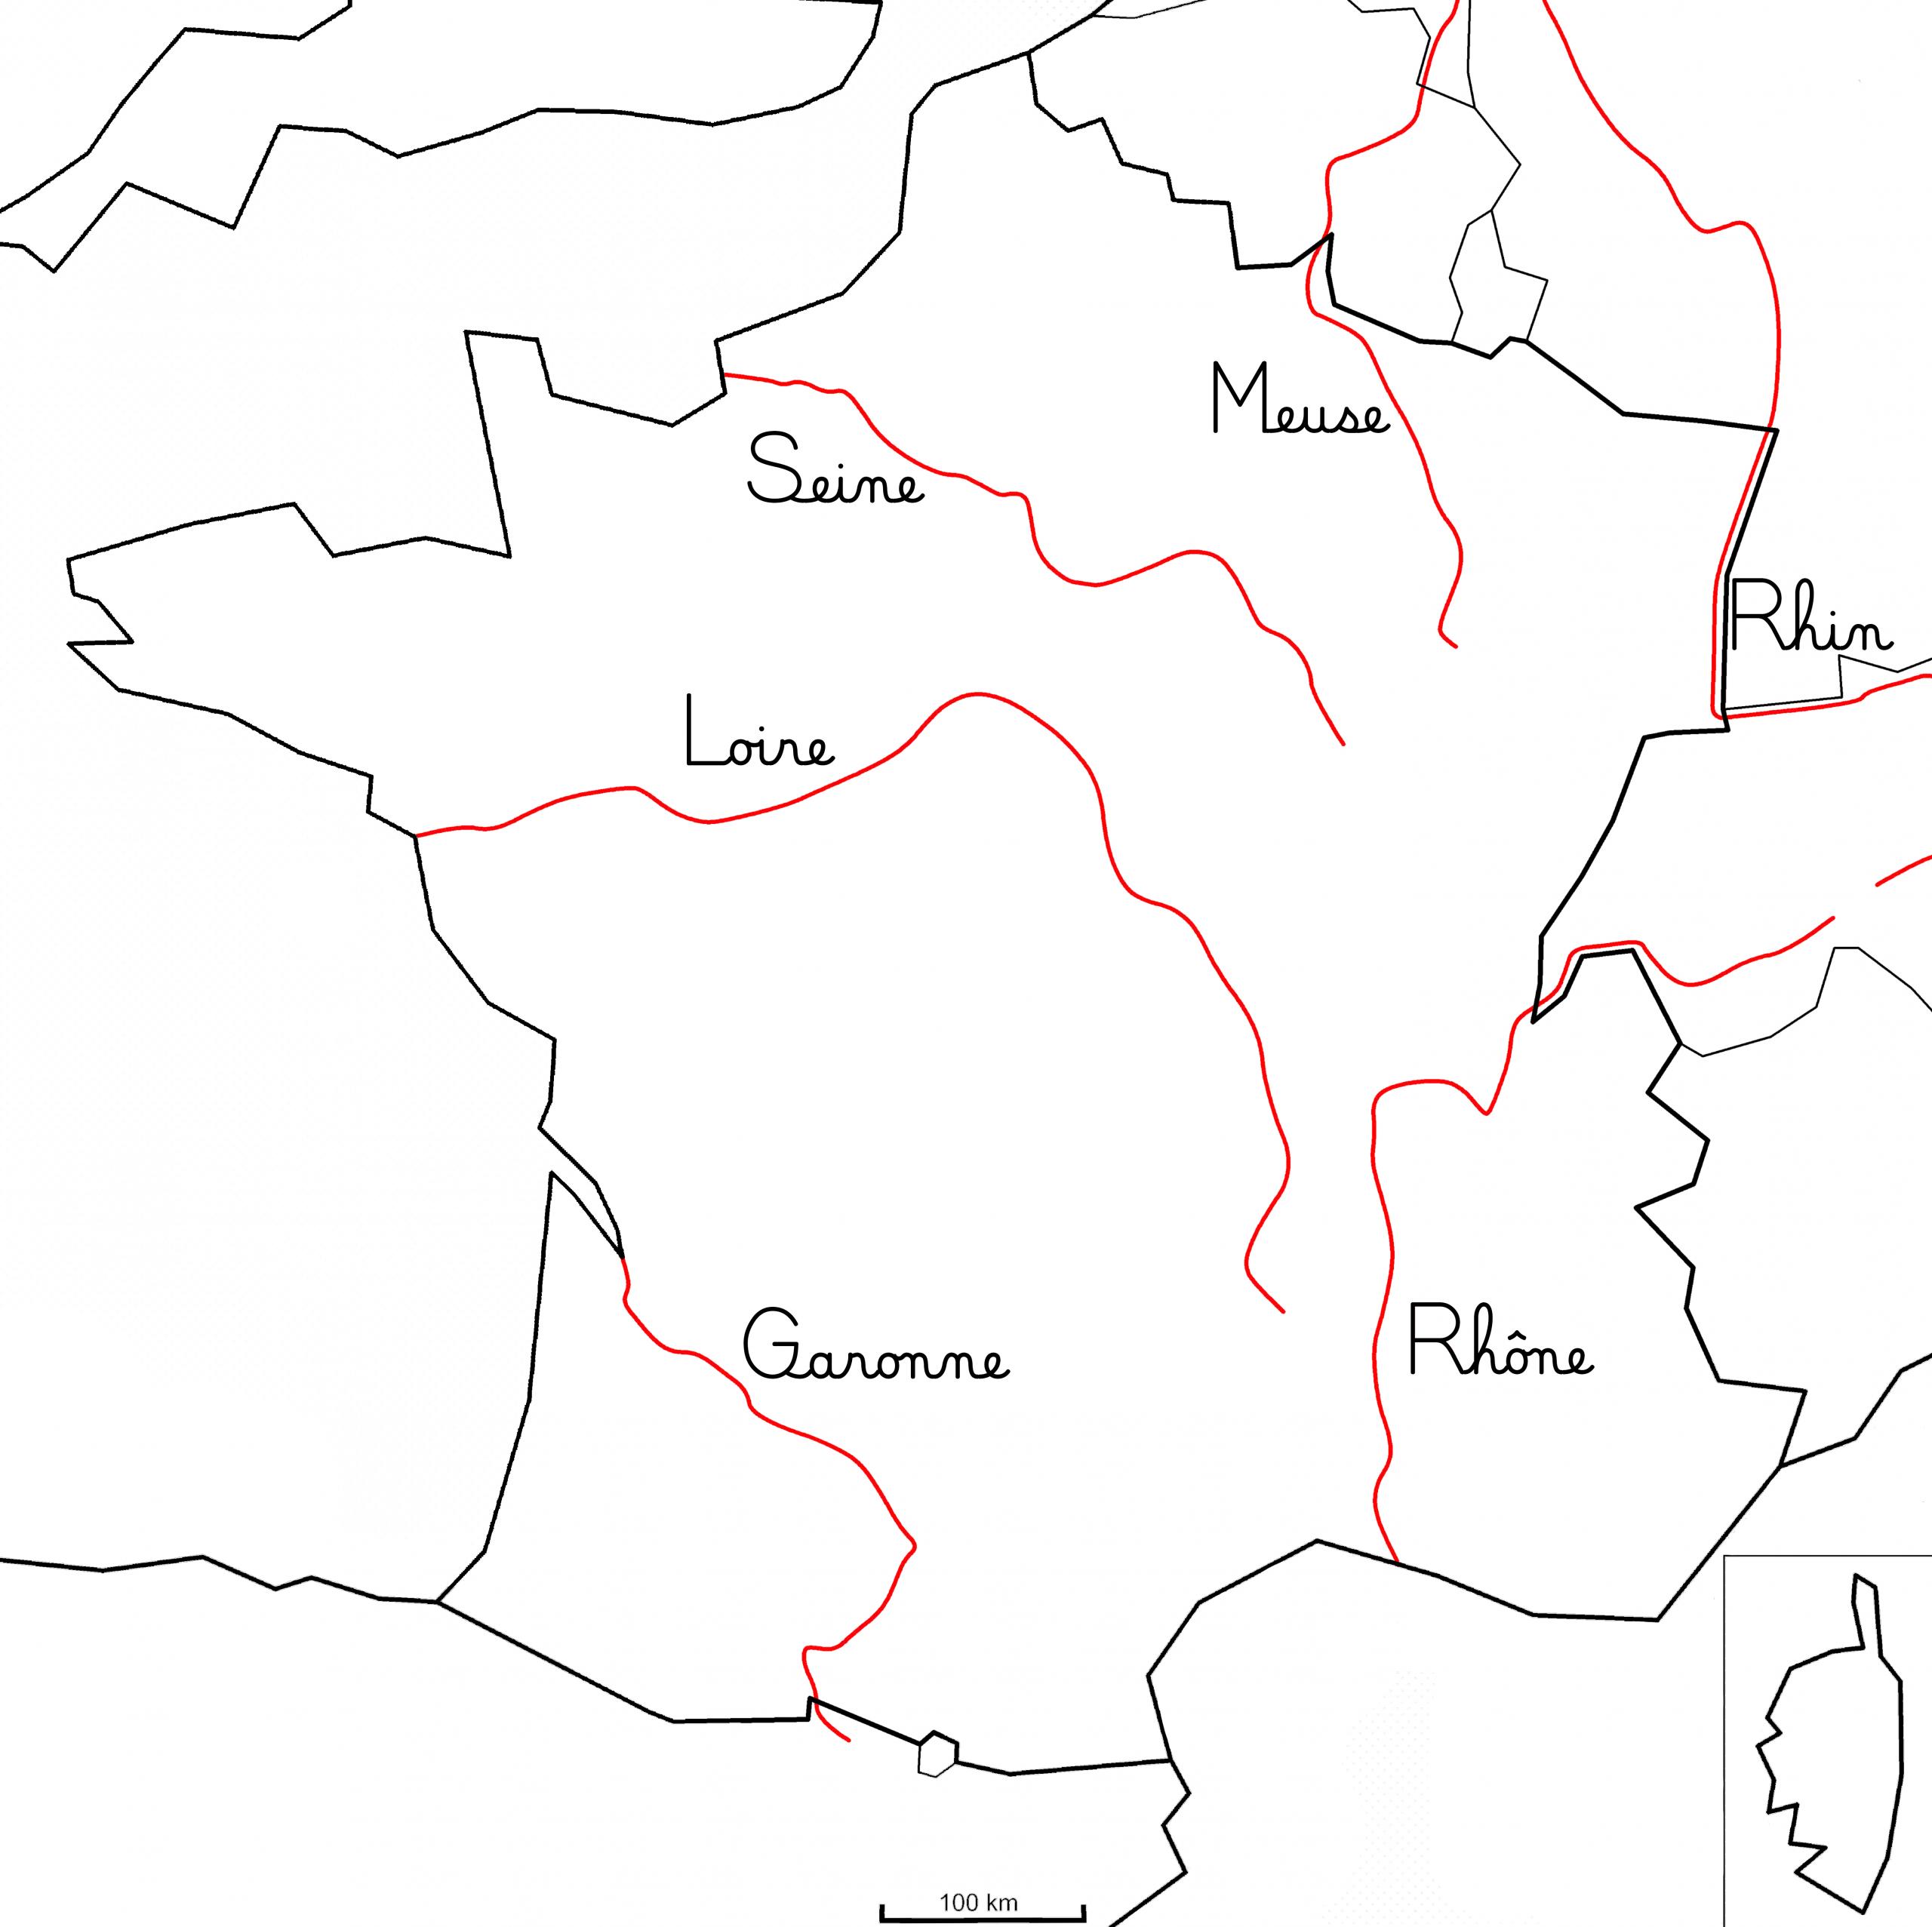 Les Principaux Fleuves De France - Montessori Etcie intérieur Carte Fleuve France